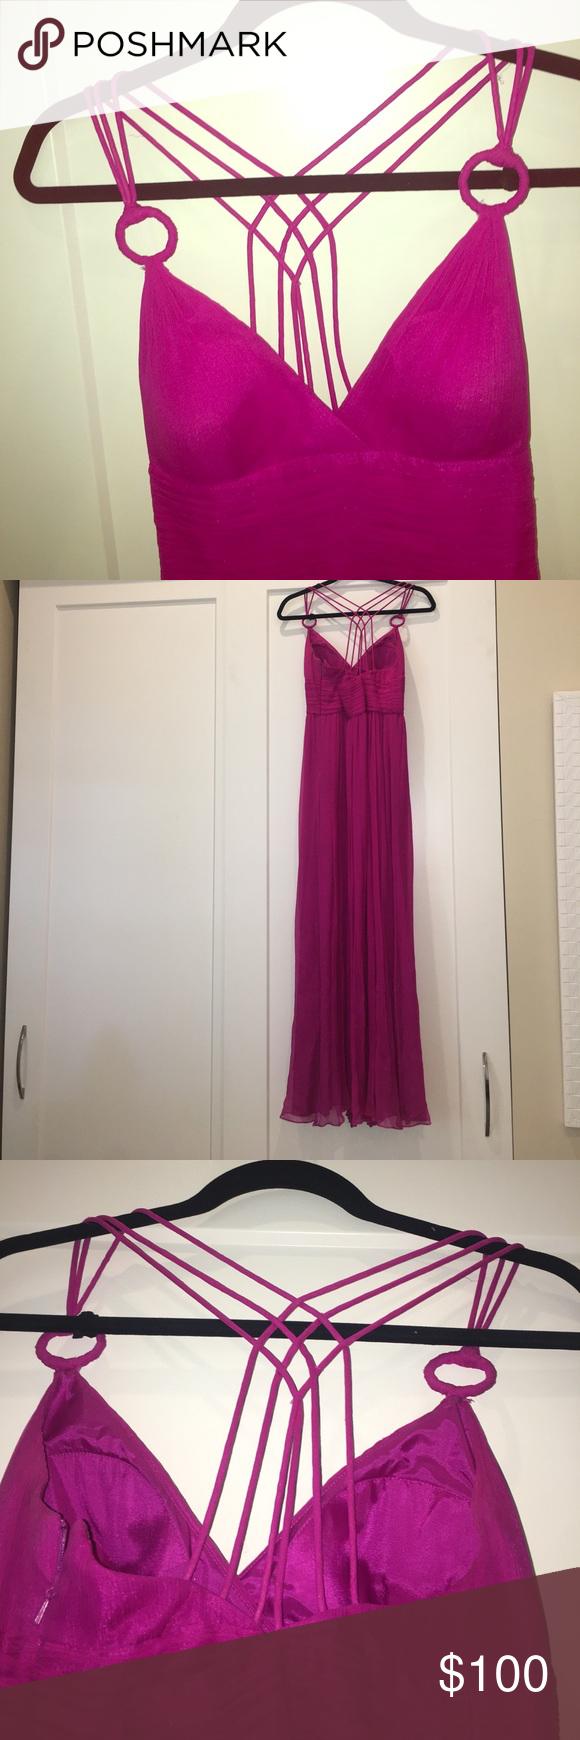 Auden mattox magenta gown